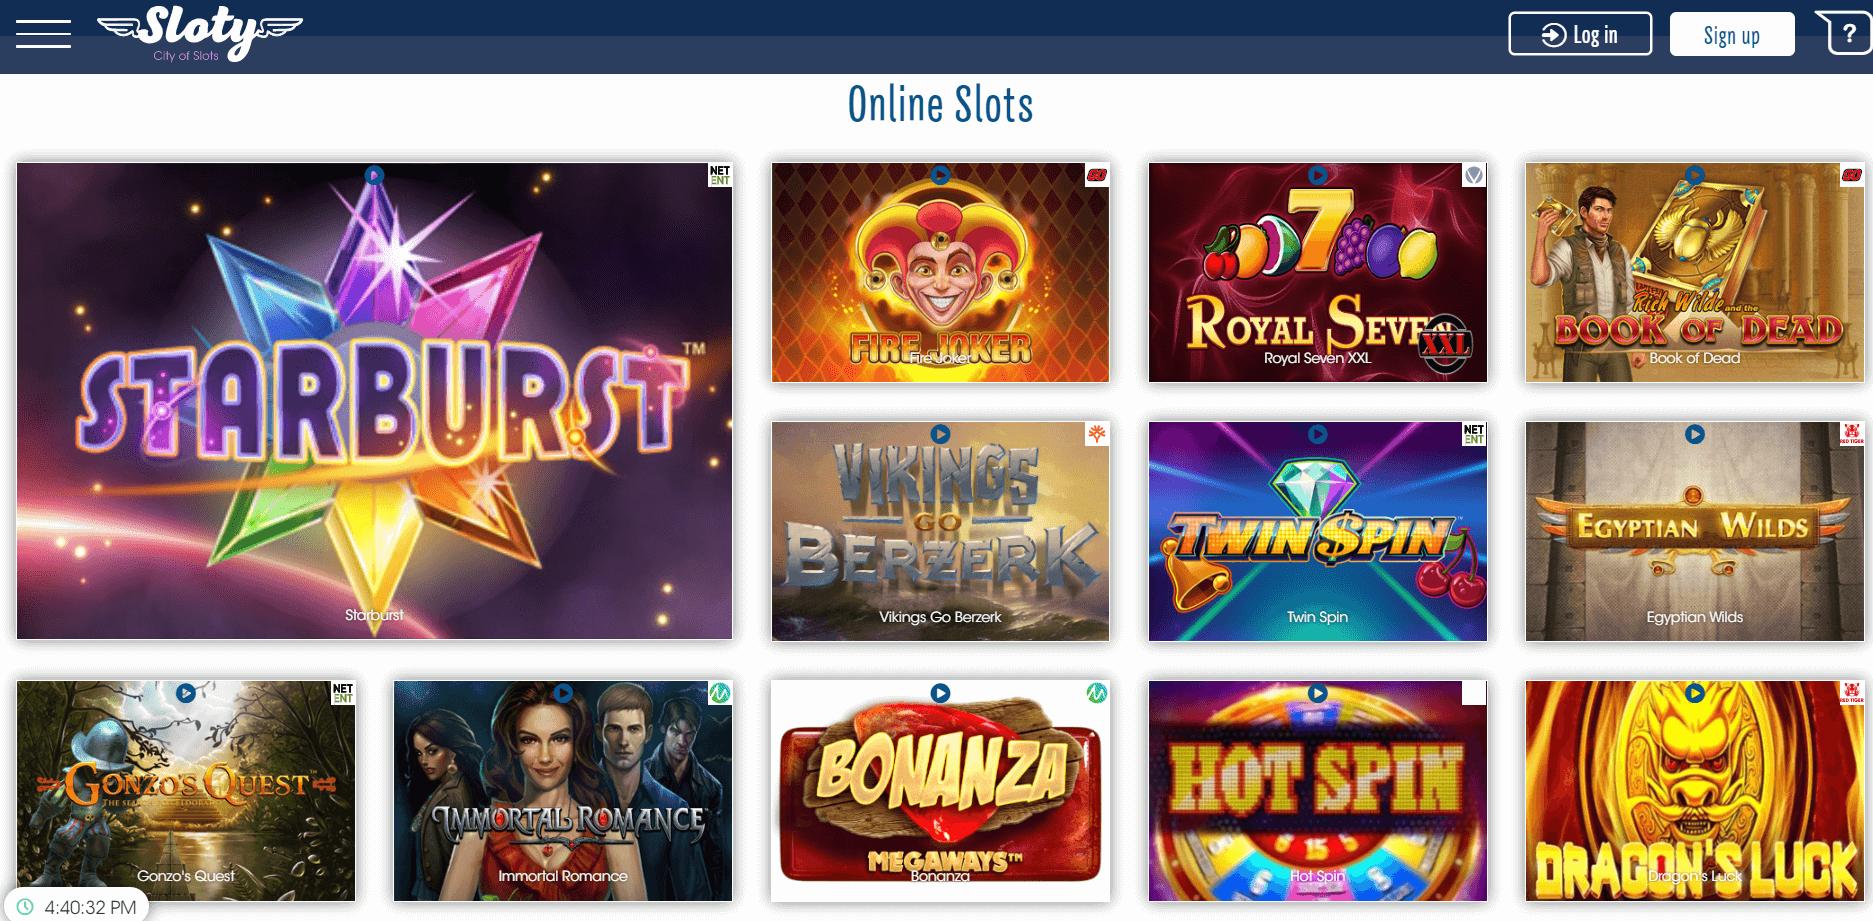 Dingo casino registration code